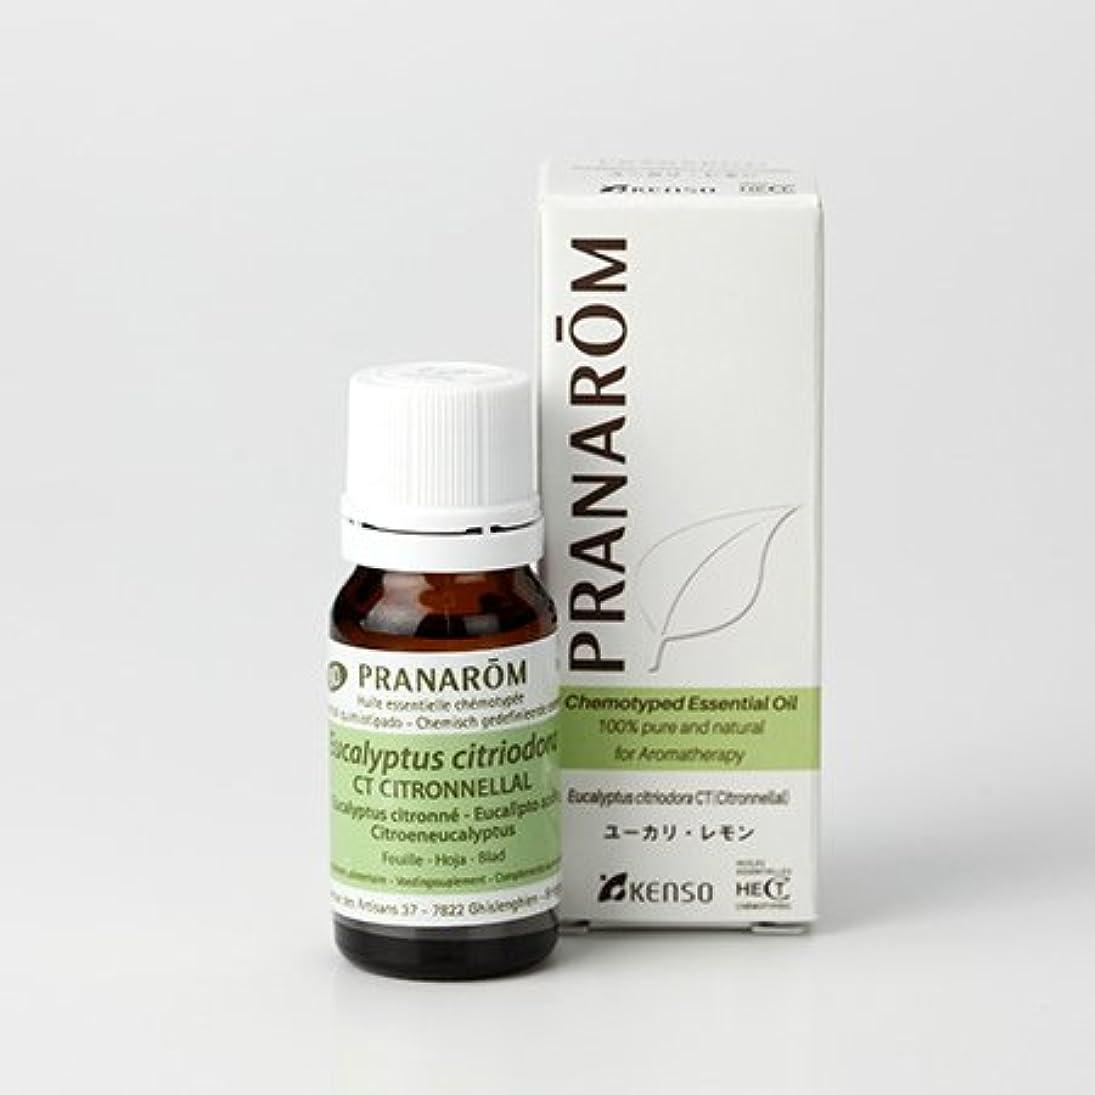 ハーブ船上予想外プラナロム ユーカリレモン 10ml (PRANAROM ケモタイプ精油)